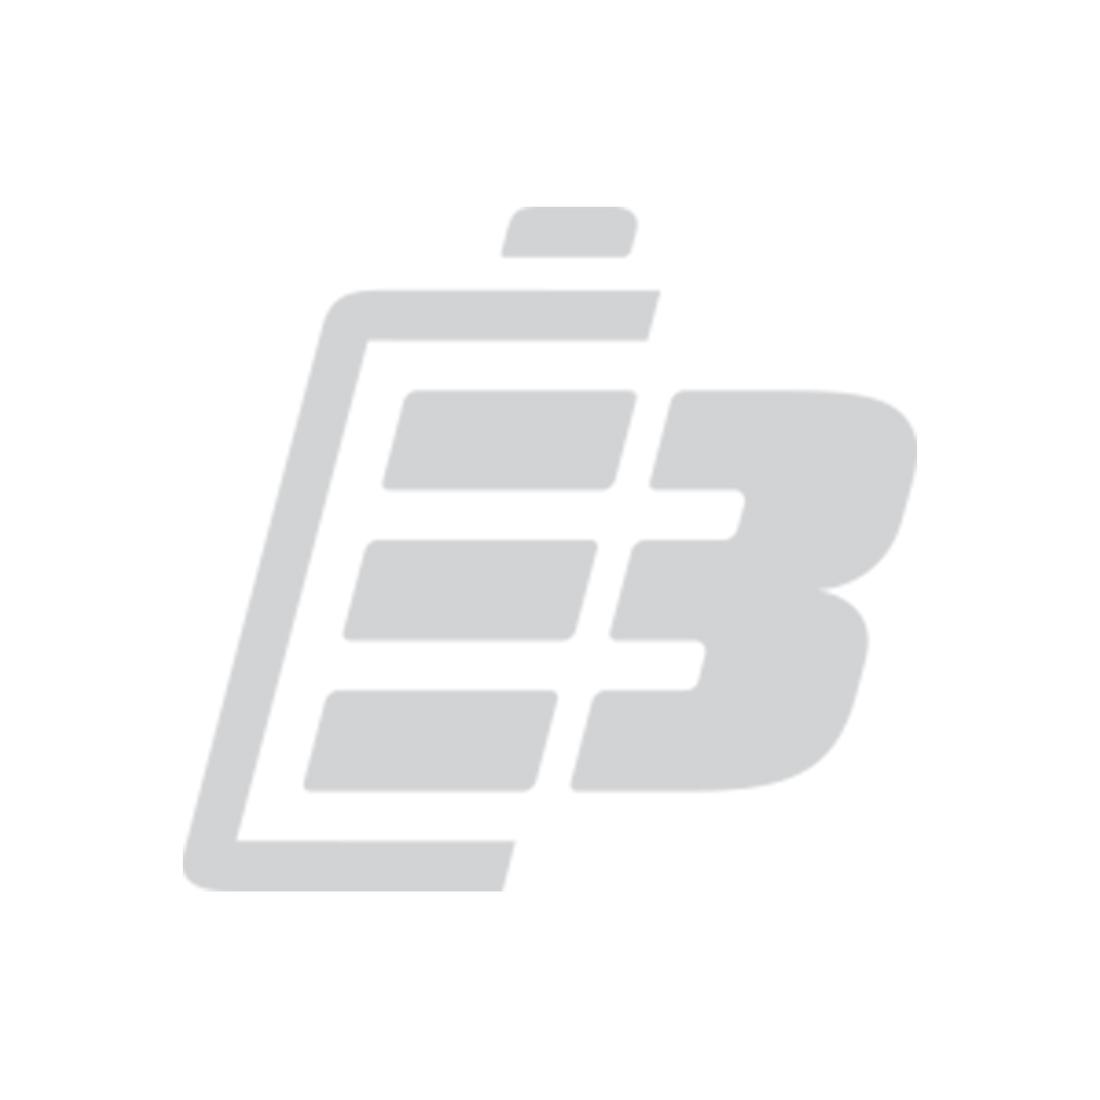 Μπαταρία barcode scanner Intermec CN3_1